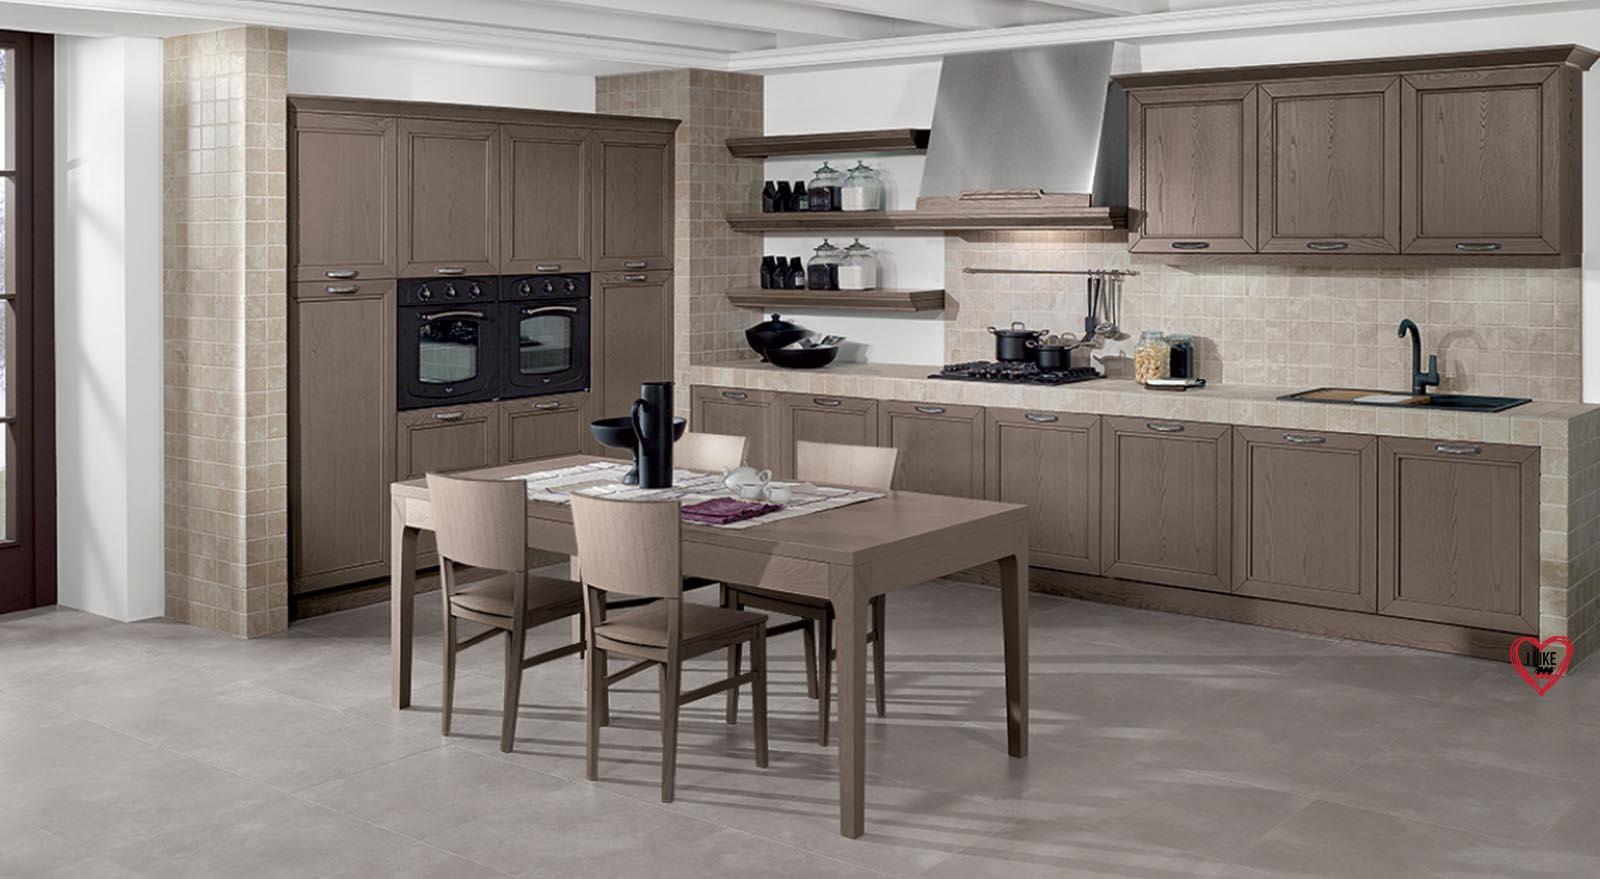 Vendita di cucine classiche a padova cucine eleganti e in - Immagini cucine muratura ...